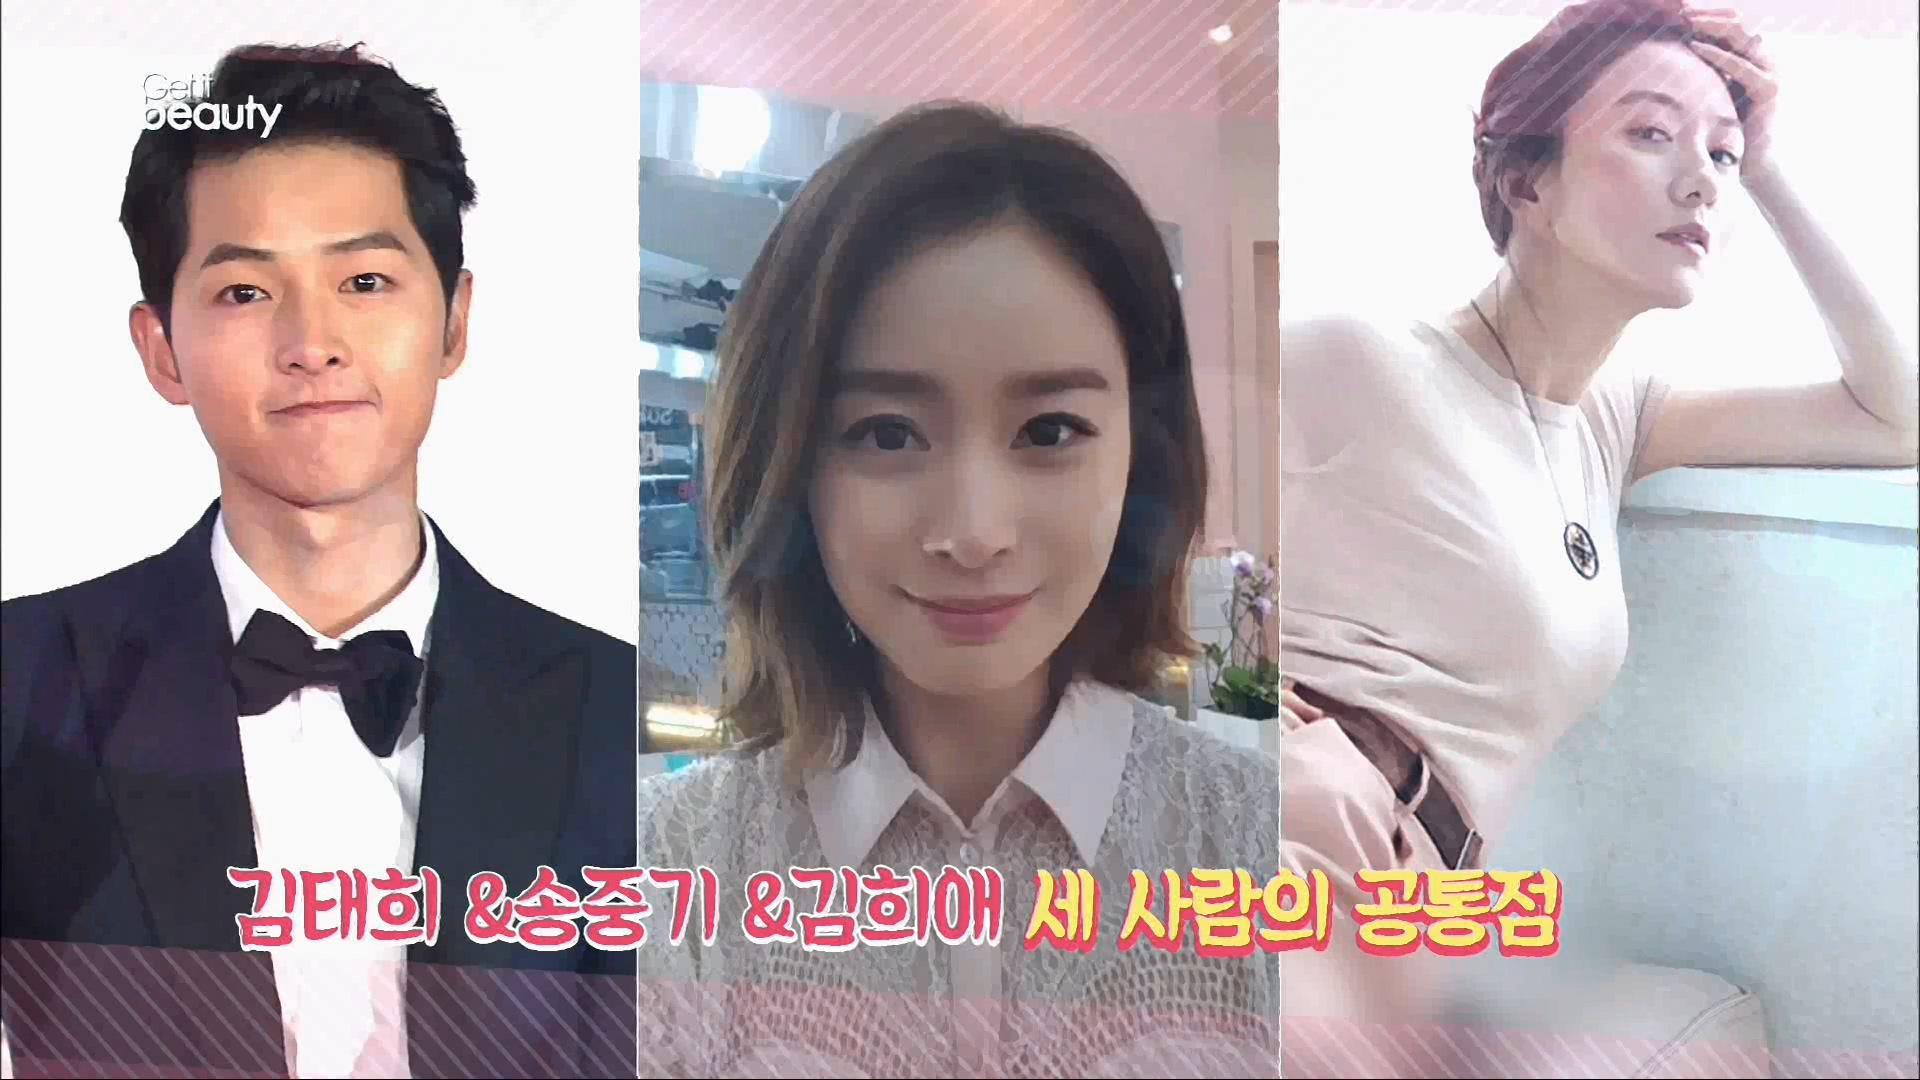 혹시 김태희&송중기&김희애 세사람의 공통점이 뭔지 아세요?